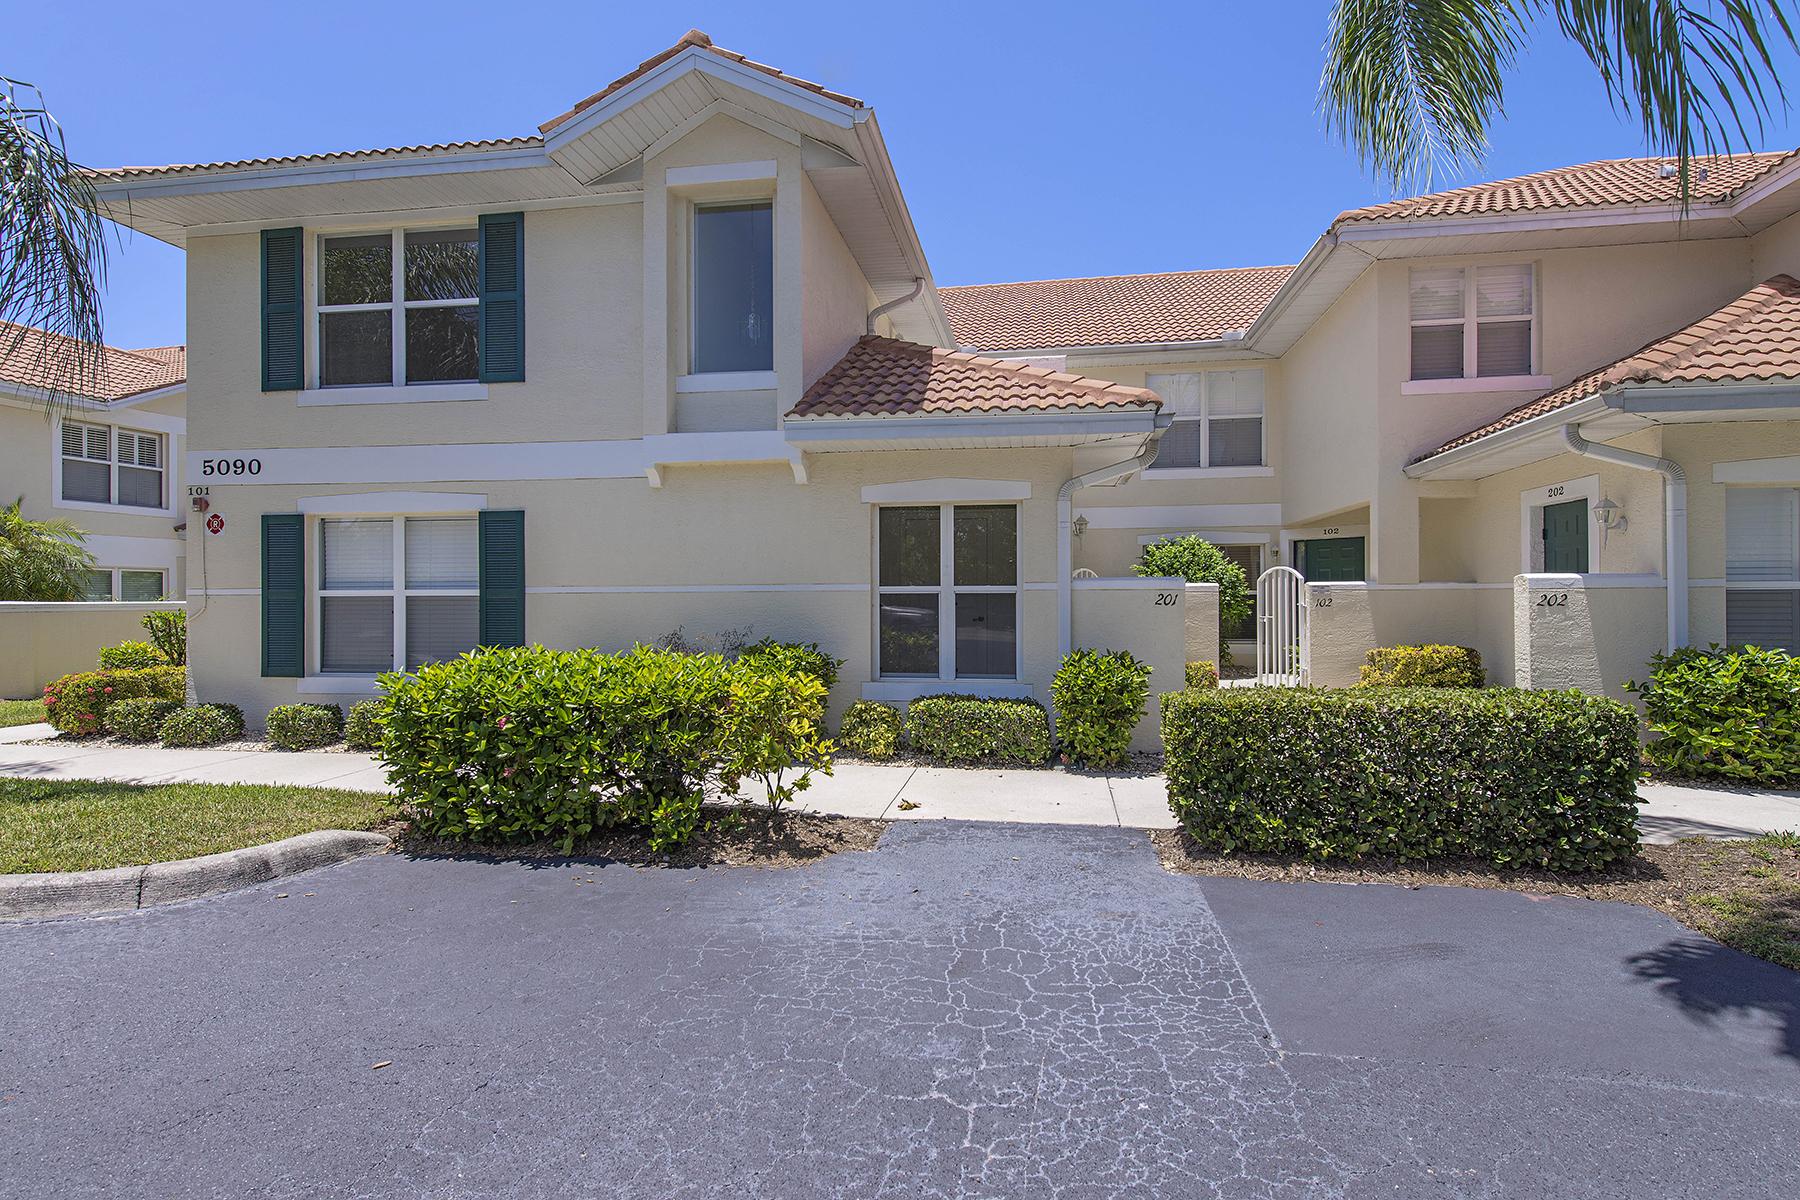 コンドミニアム のために 売買 アット CARLTON LAKES 5090 Cedar Springs Dr 201 Naples, フロリダ 34110 アメリカ合衆国